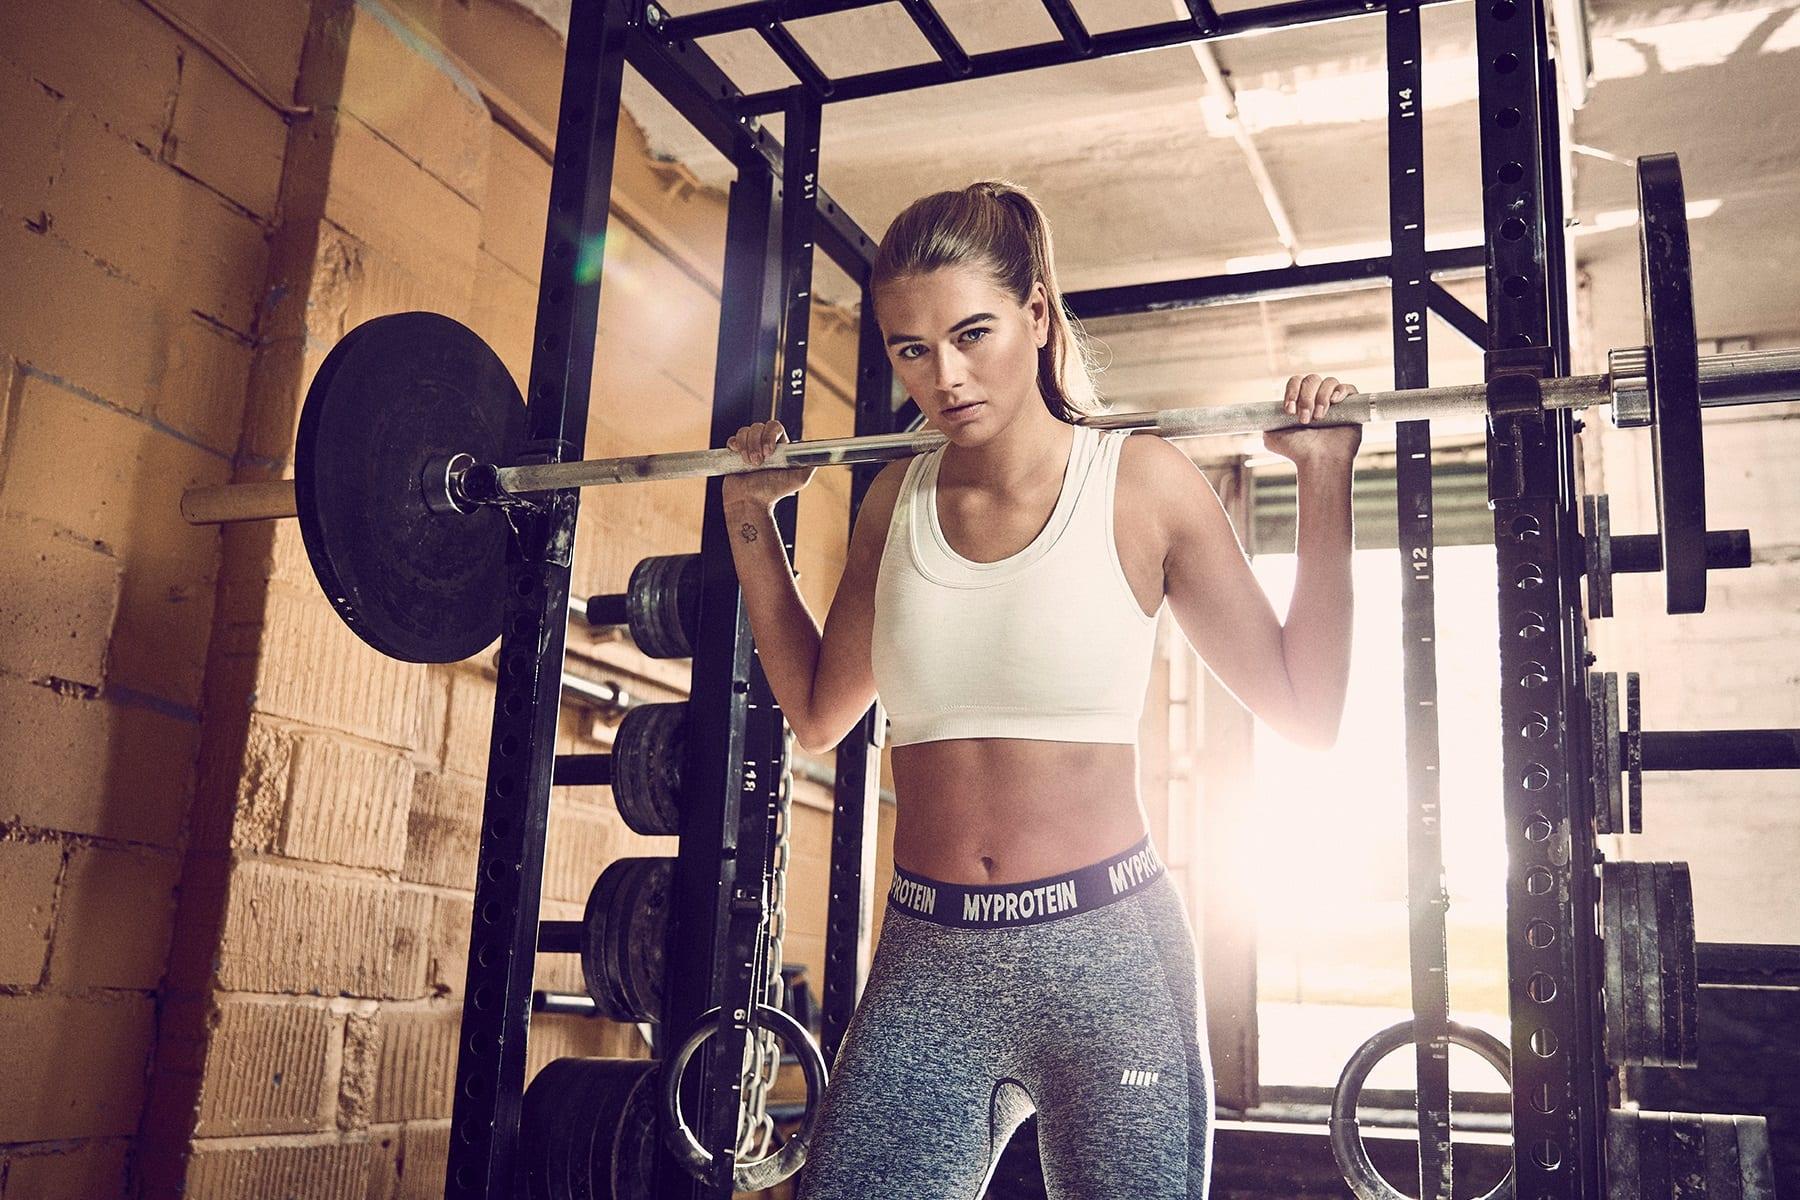 Súlyzós edzés nőknek